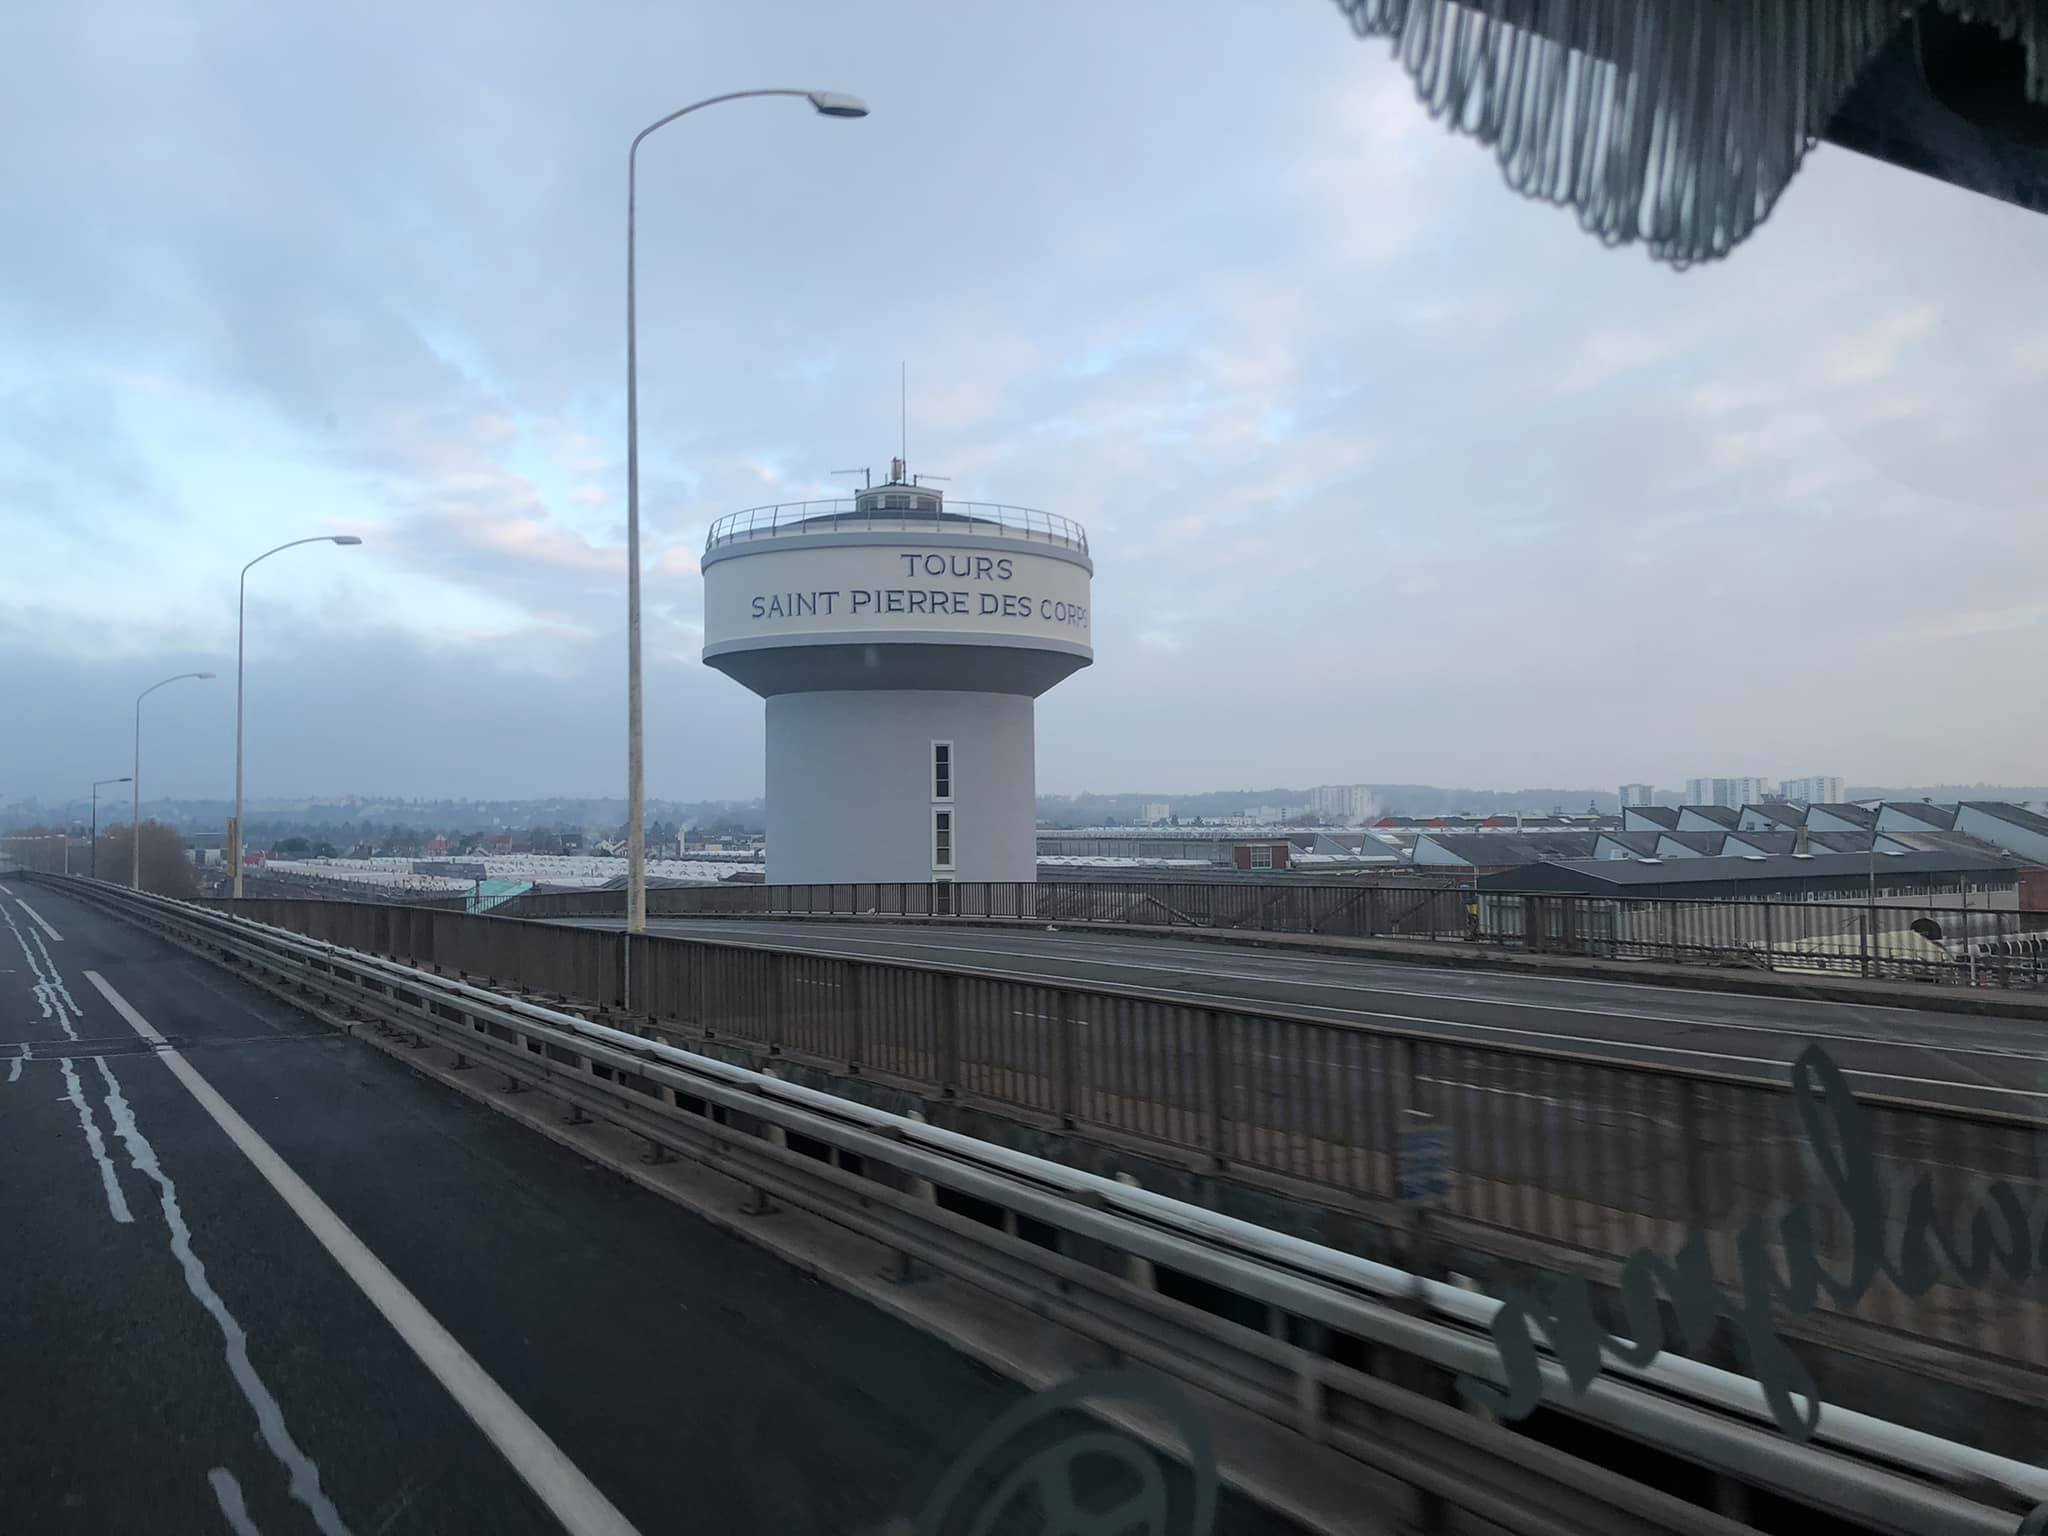 ritje-midden-Frankrijk--12-12-2020-(8)